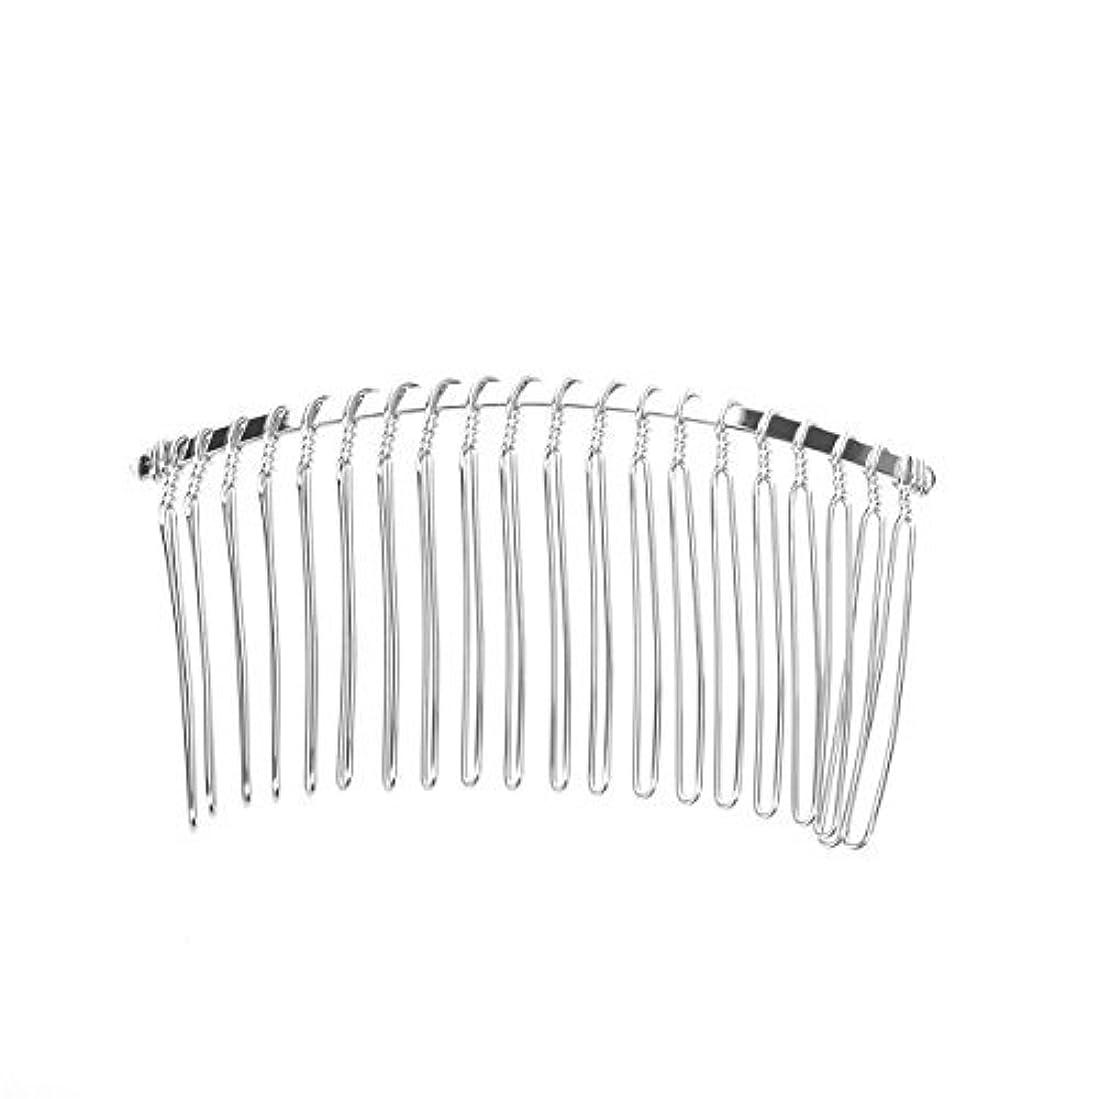 速記不正確彼らのPixnor 7.8cm 20 Teeth Fancy DIY Metal Wire Hair Clip Comb Bridal Wedding Veil Comb (Silver) [並行輸入品]